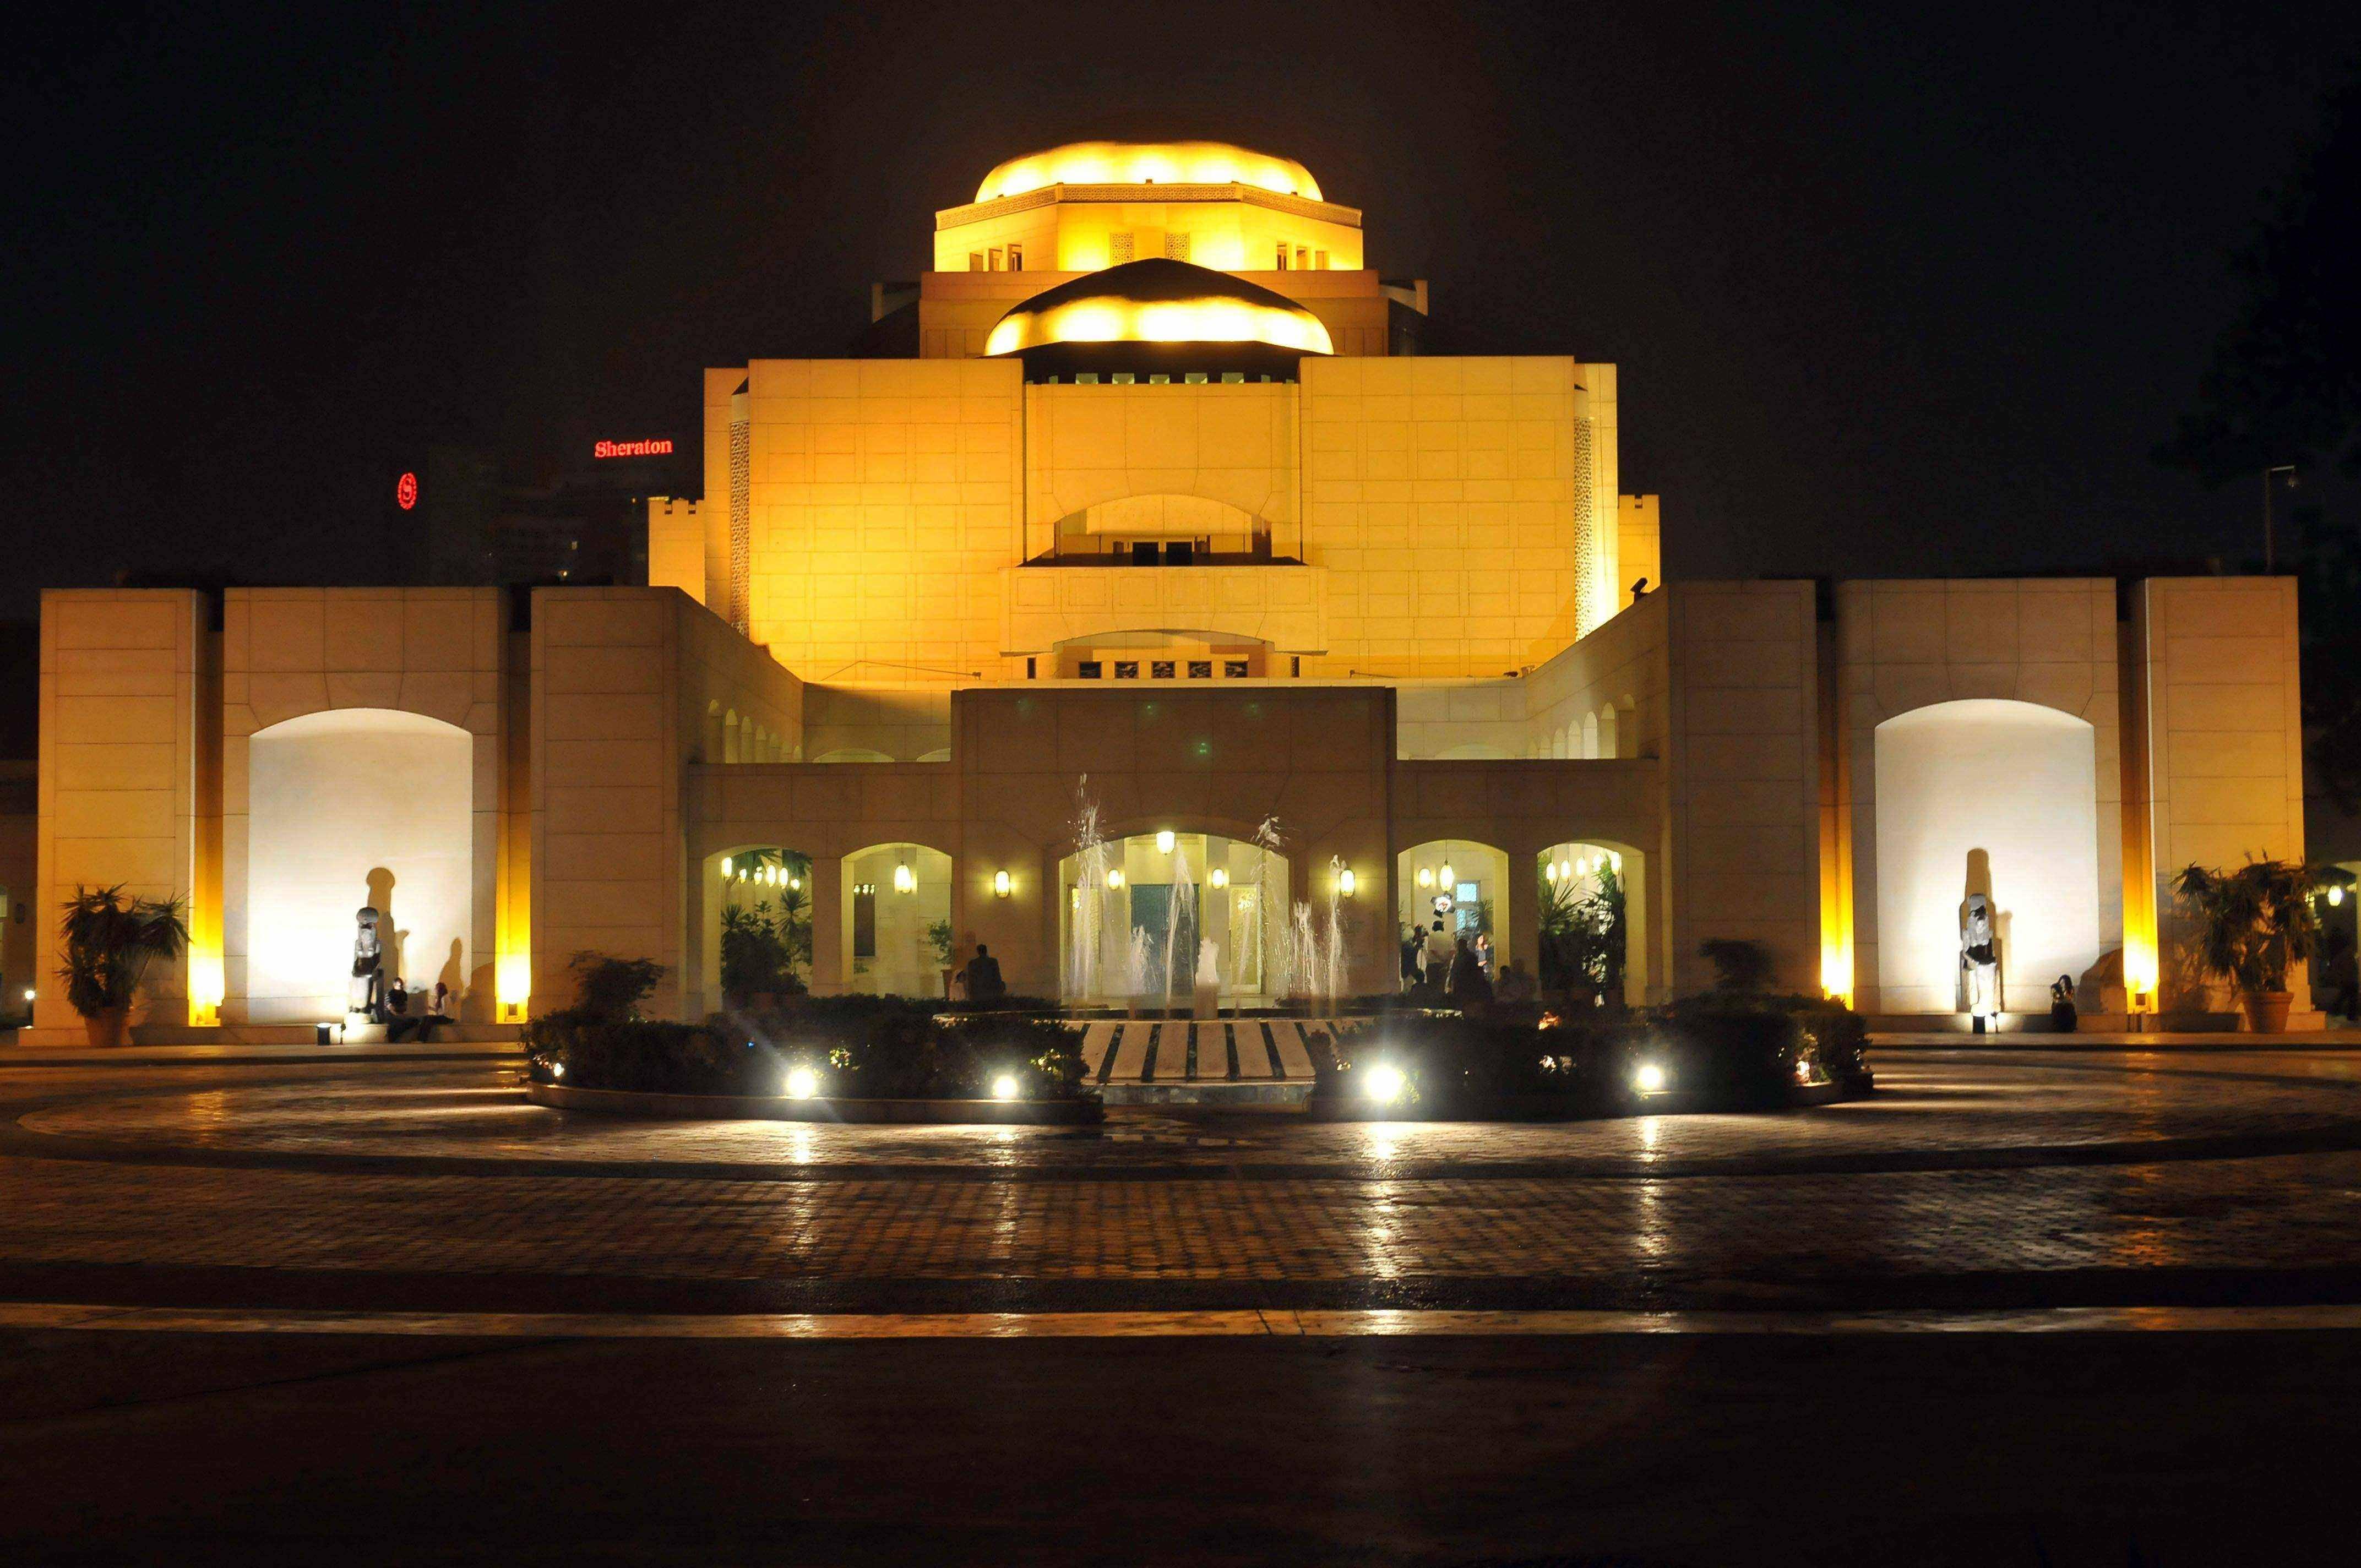 Mısır opera binası